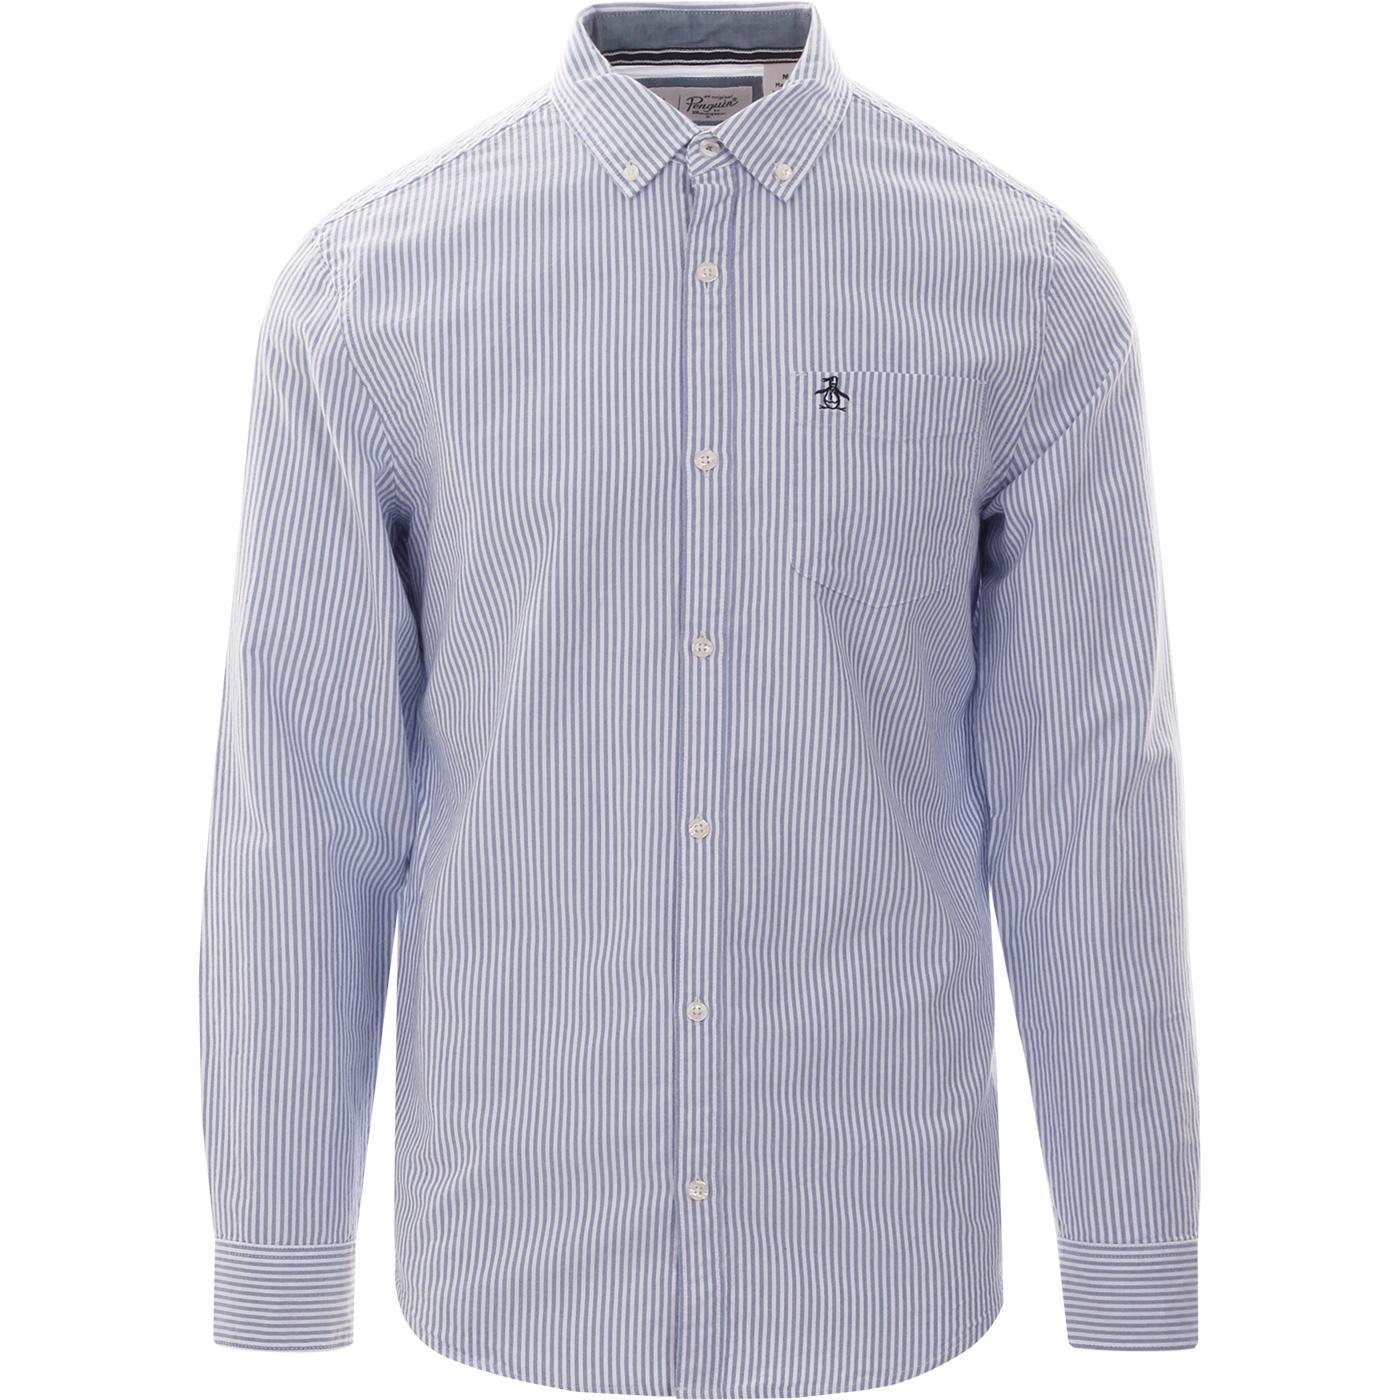 ORIGINAL PENGUIN Mod Stripe Oxford Shirt (Blue)